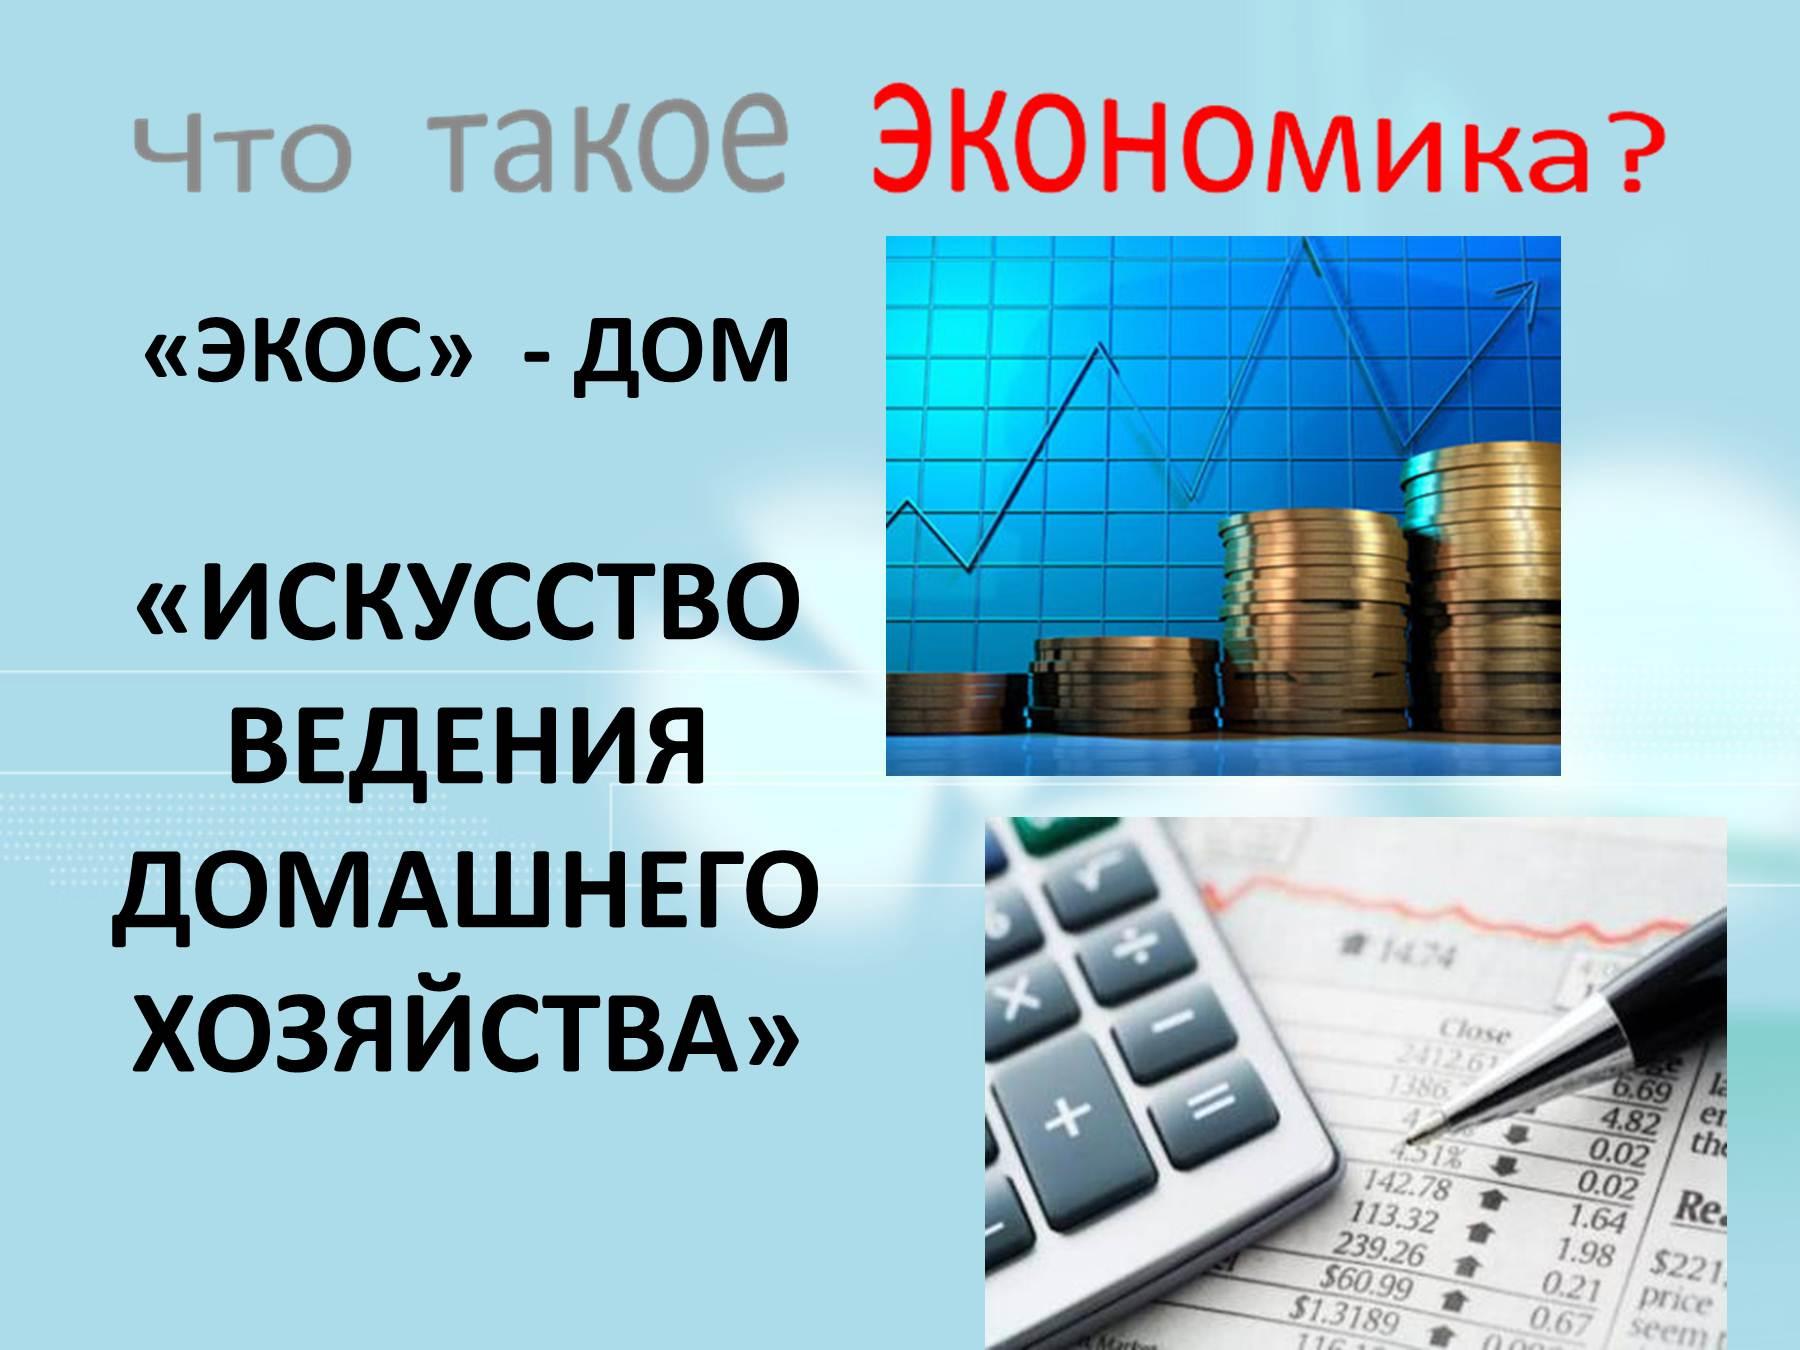 Картинка с экономическим содержанием